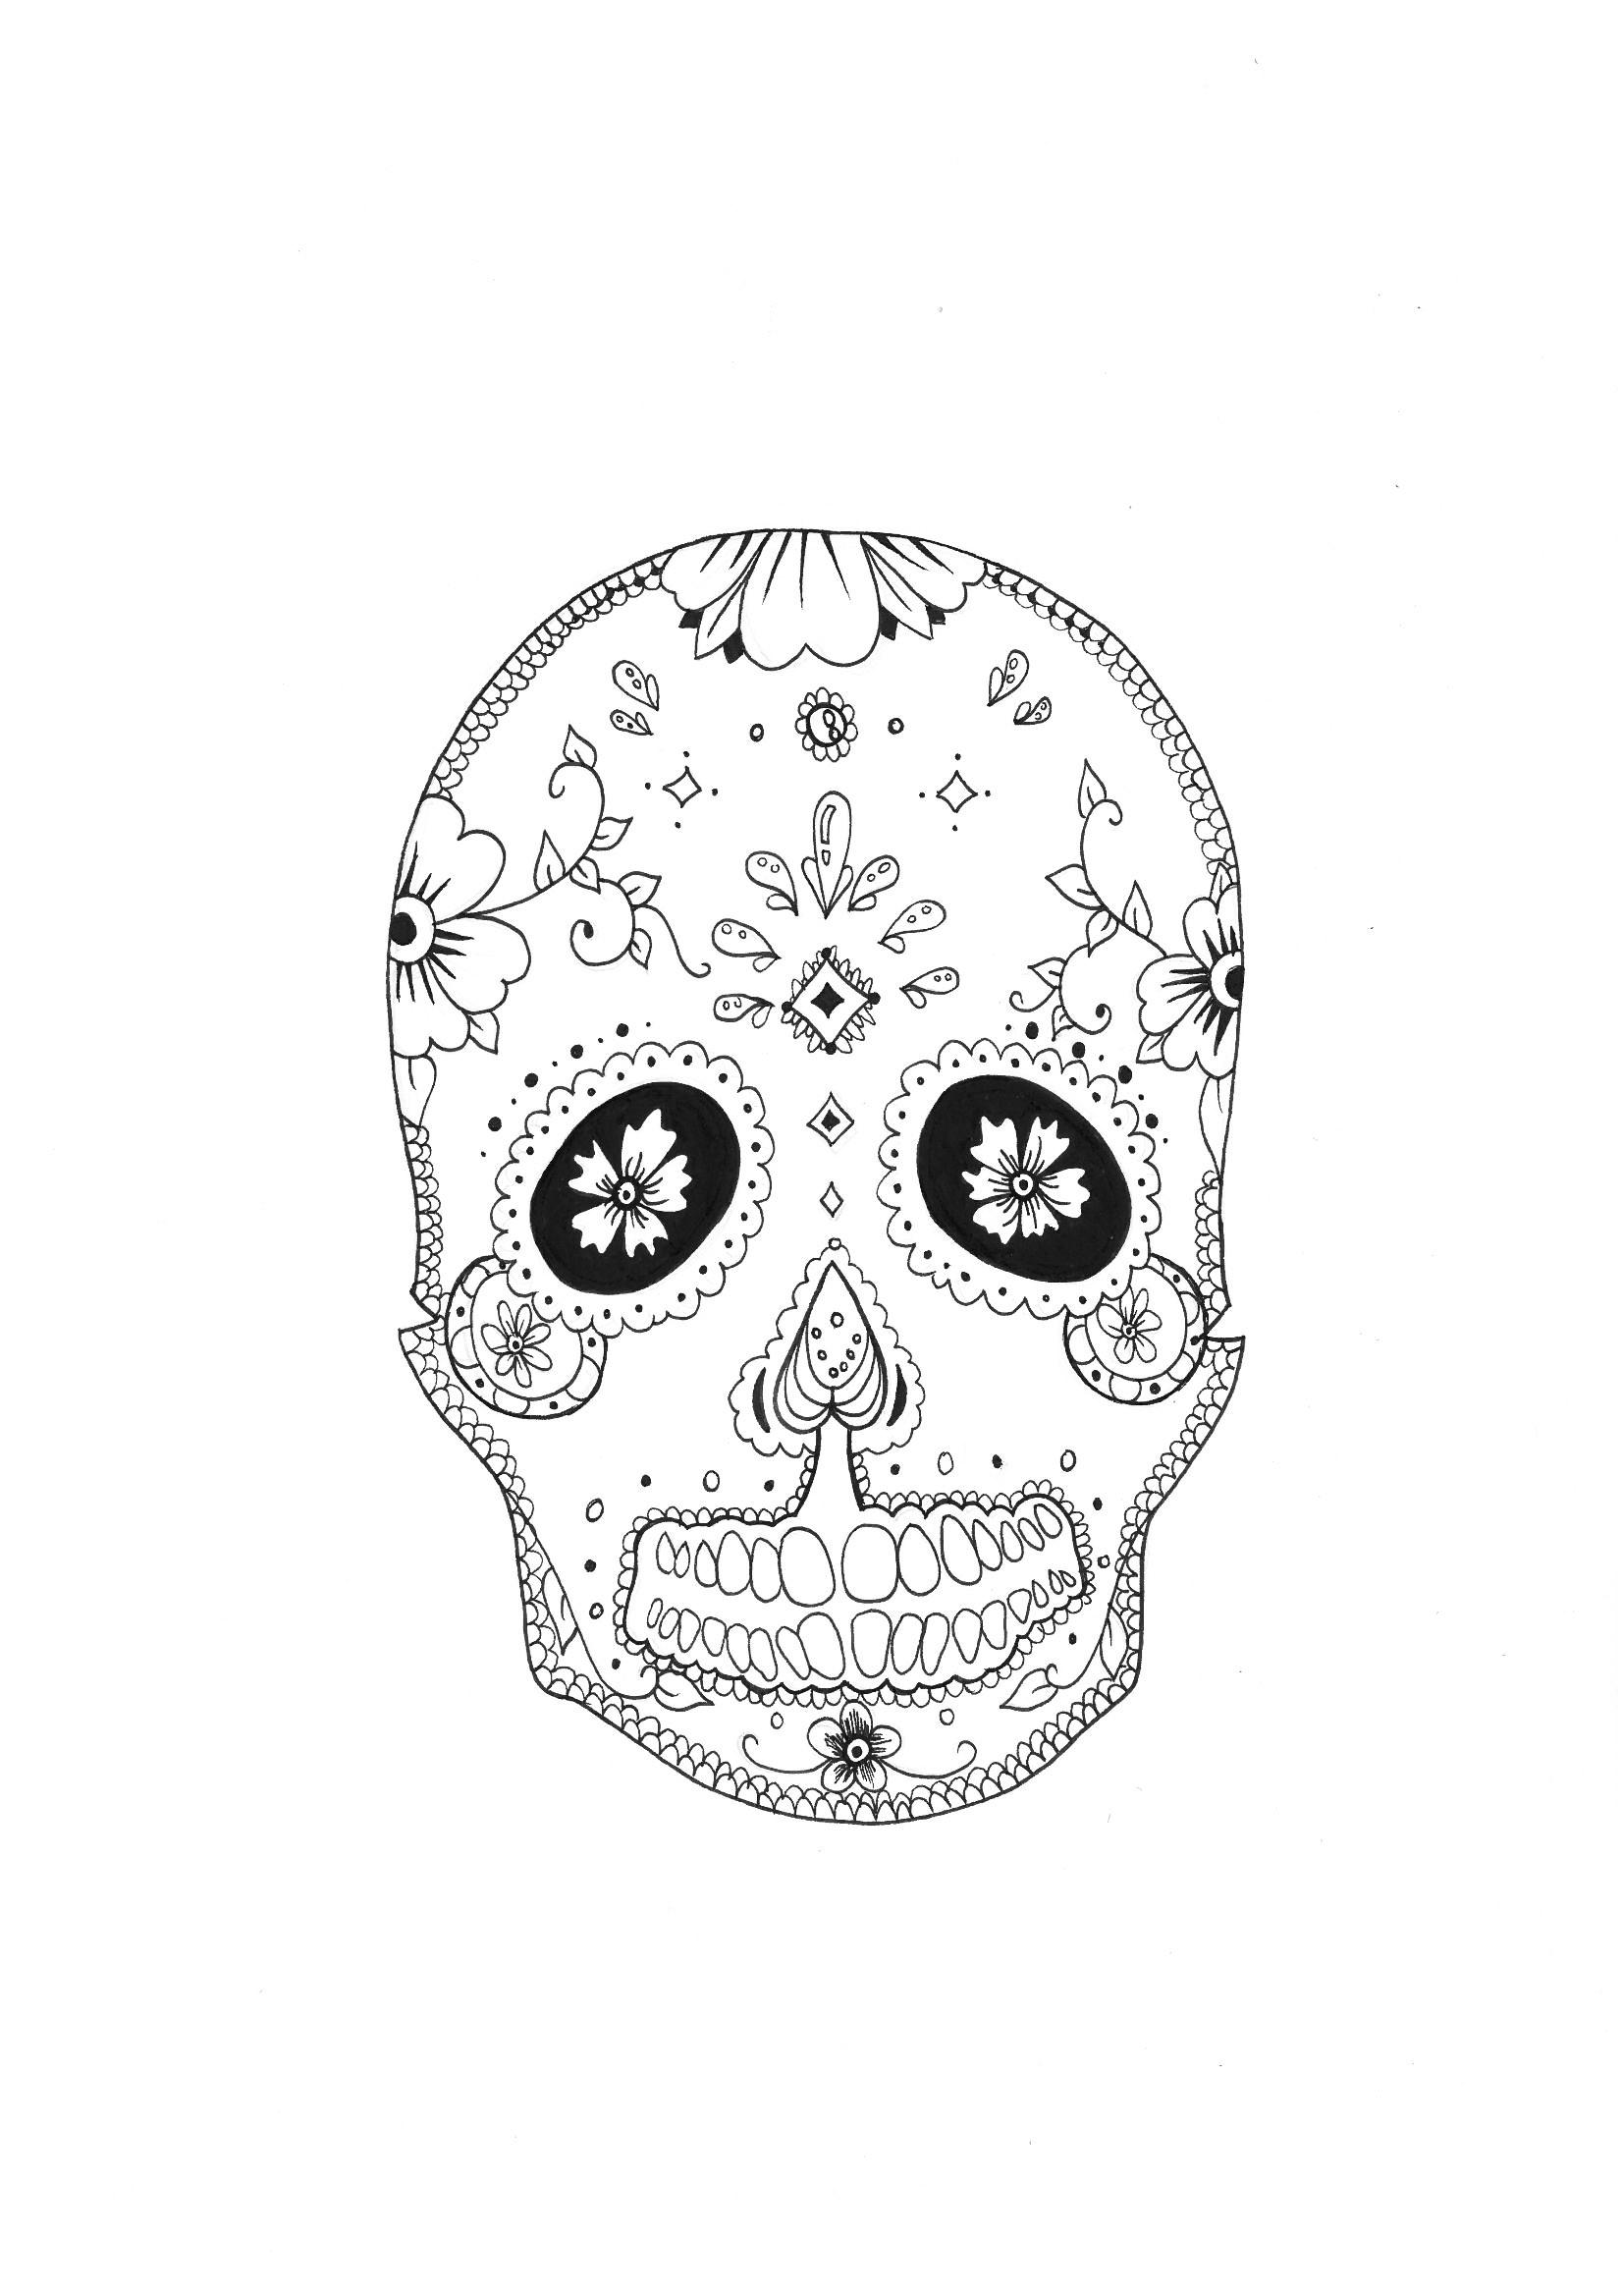 Un crâne avec des motifs floraux très relaxant.